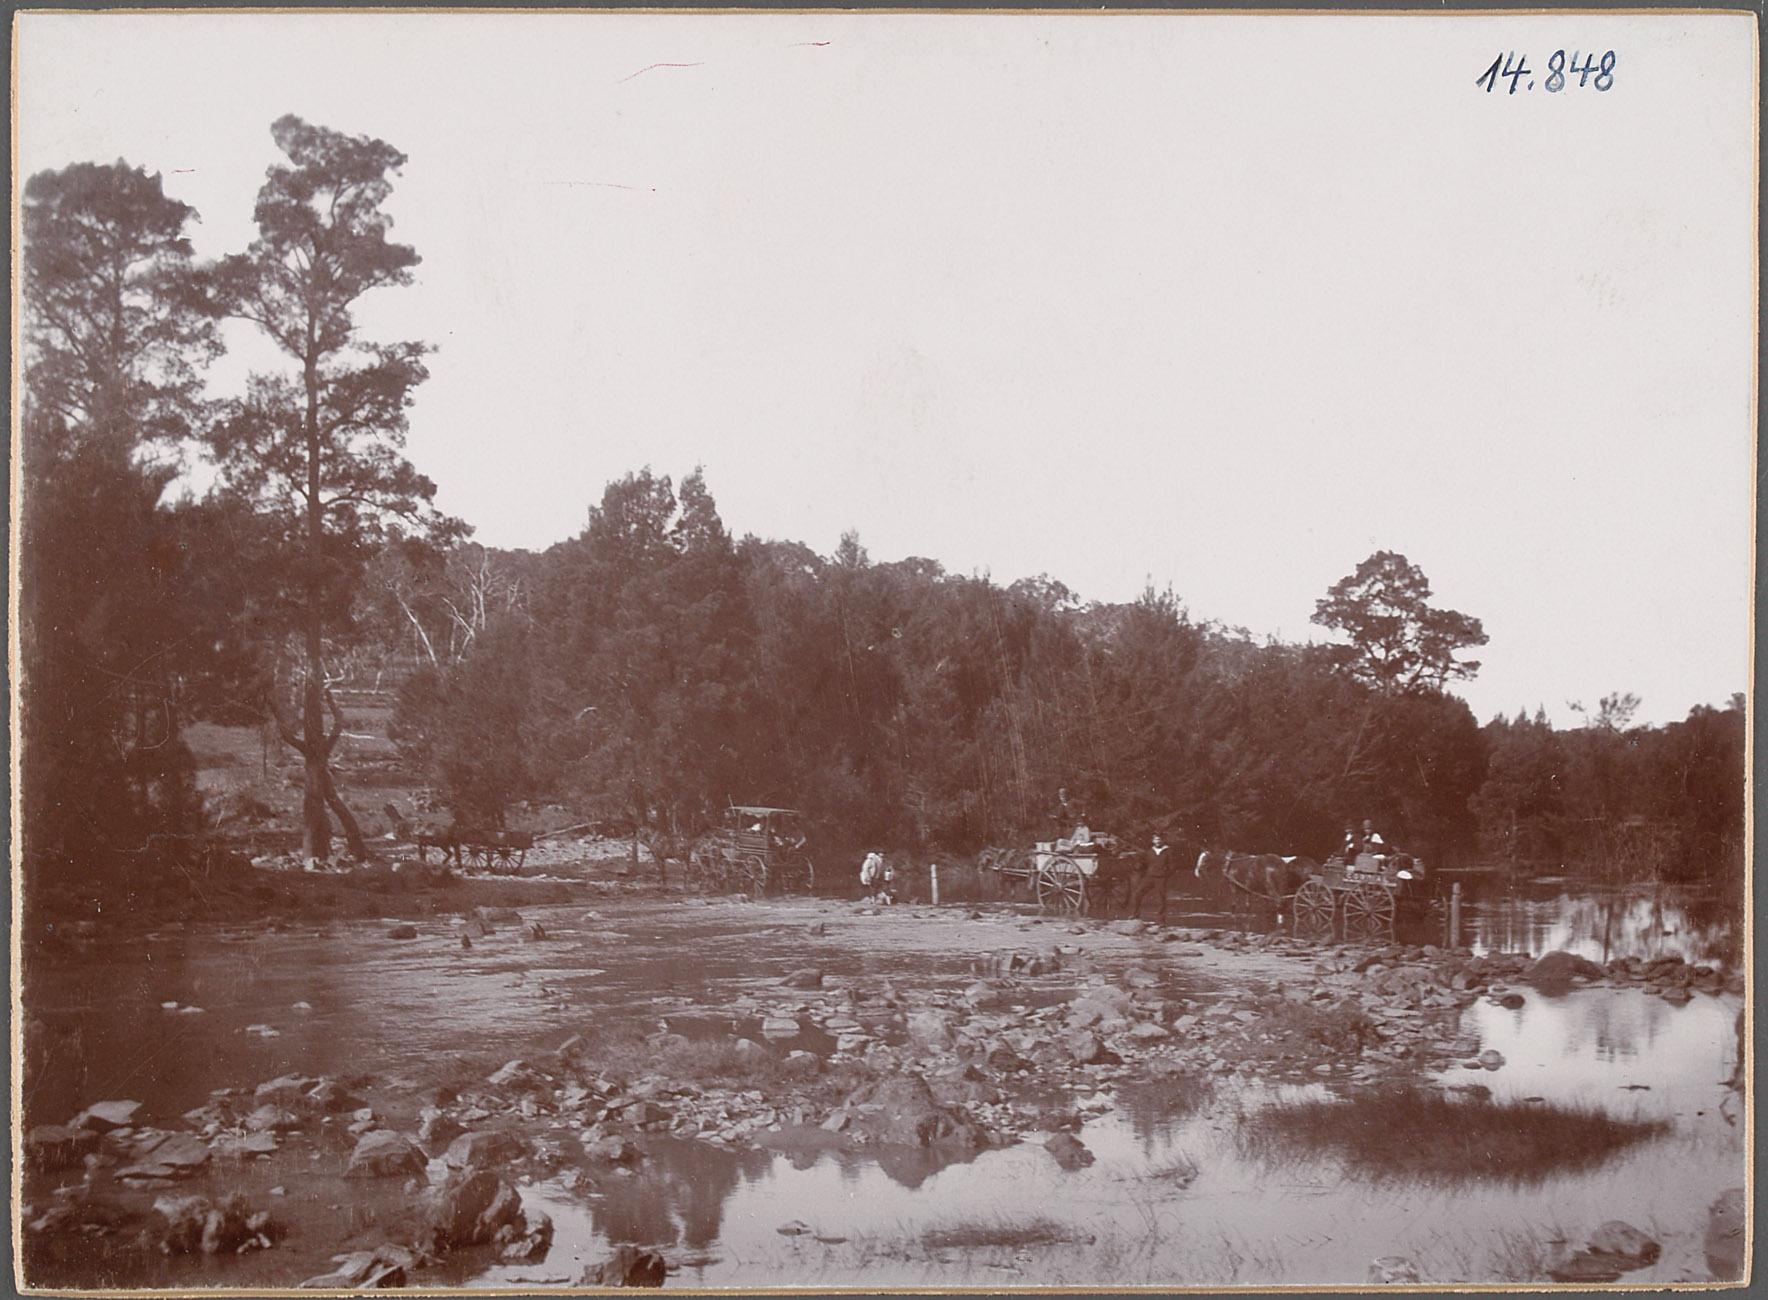 Australien, Durch den Wallendelly River. 25.V.1893 von Eduard Hodek jun.